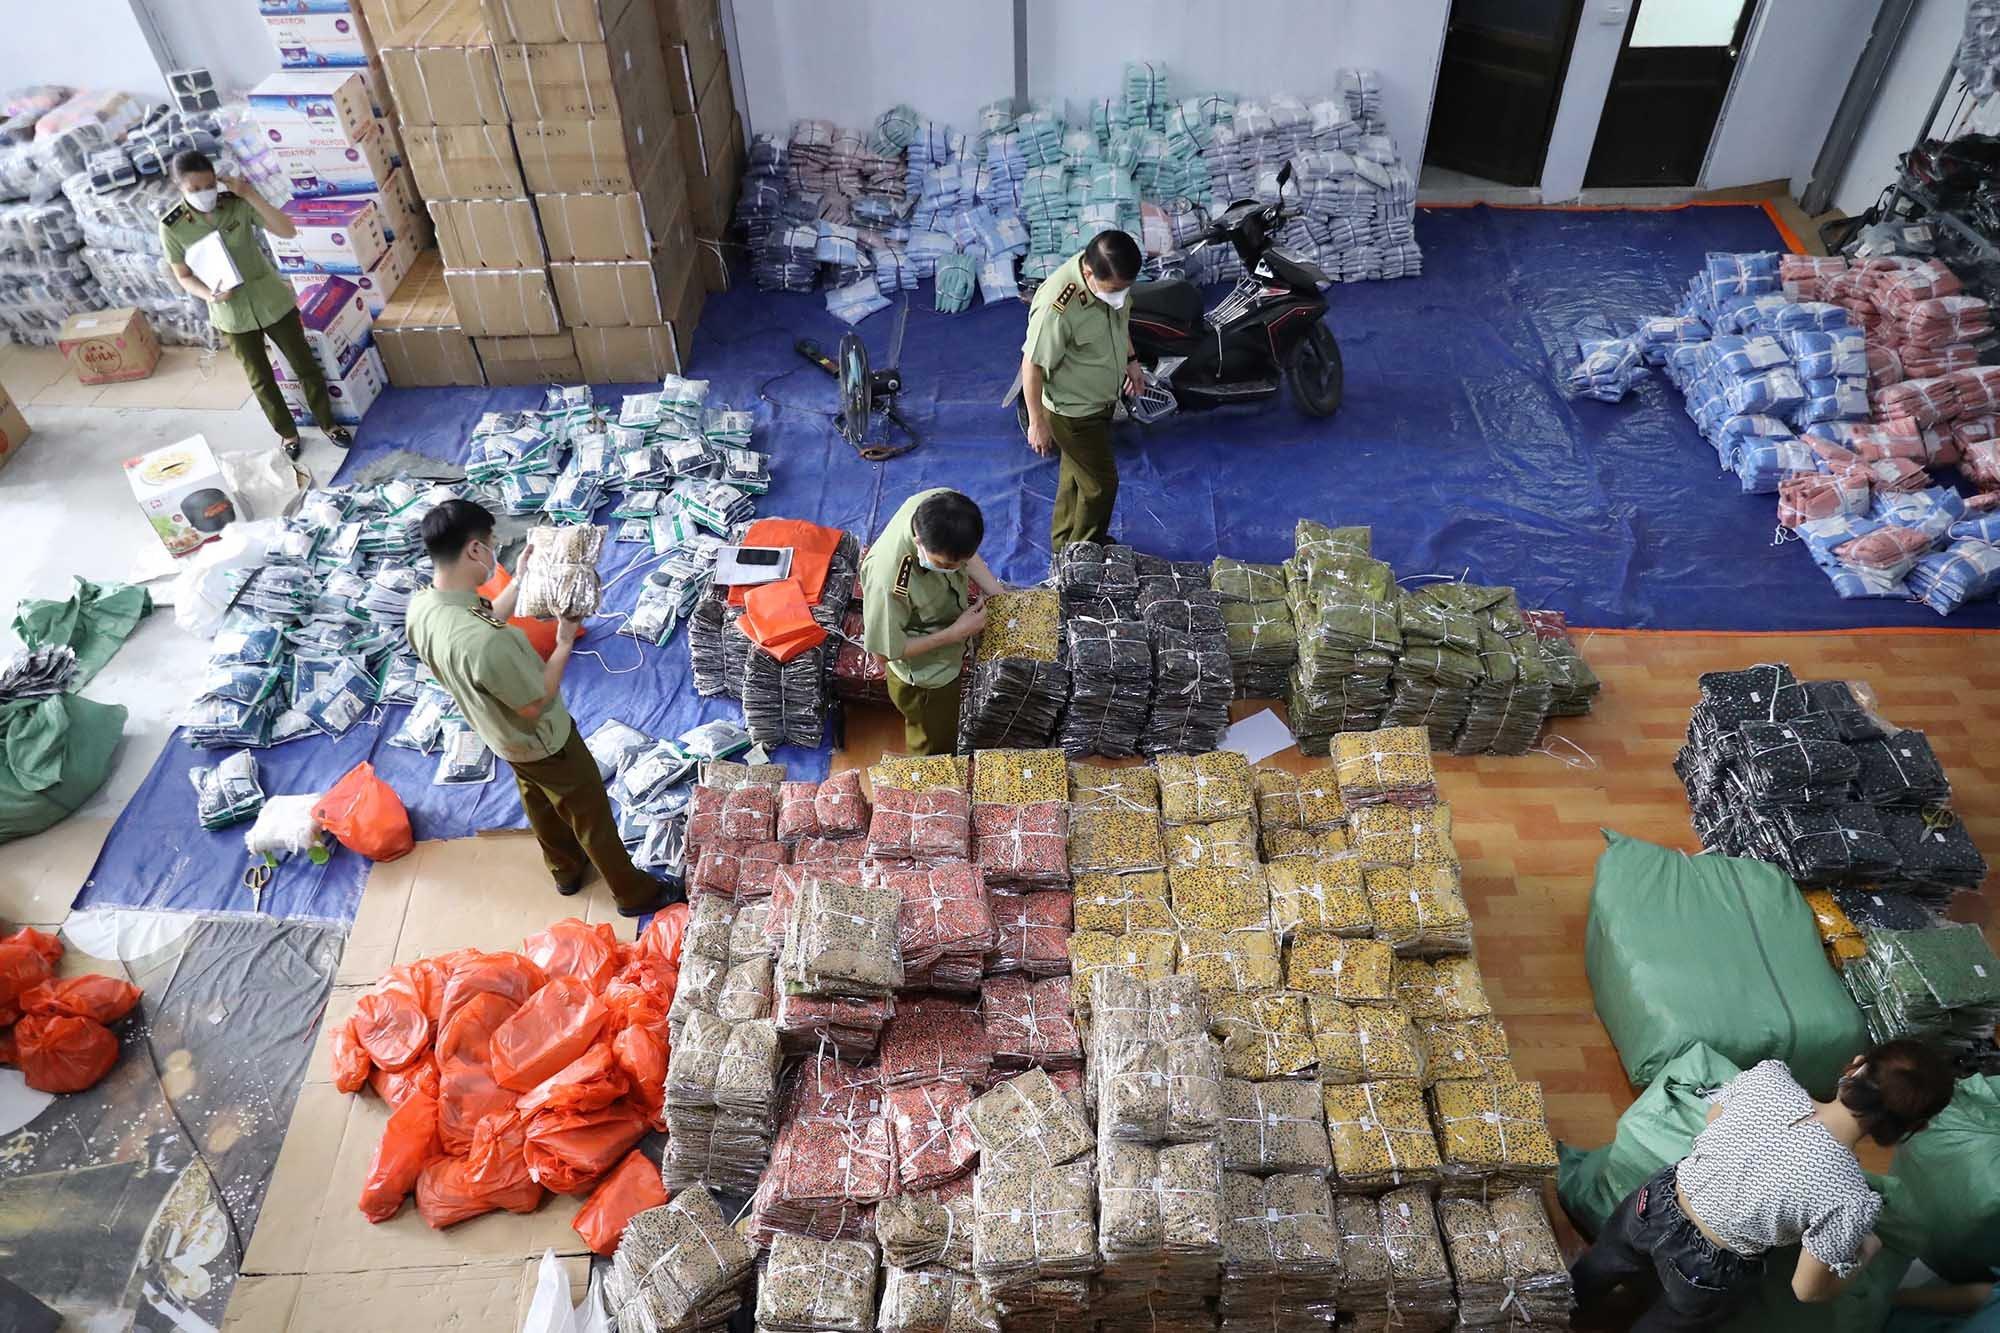 Khoảng 40 tấn hàng vi phạm tại 8 kho của mạng lưới hàng không rõ nguồn gốc